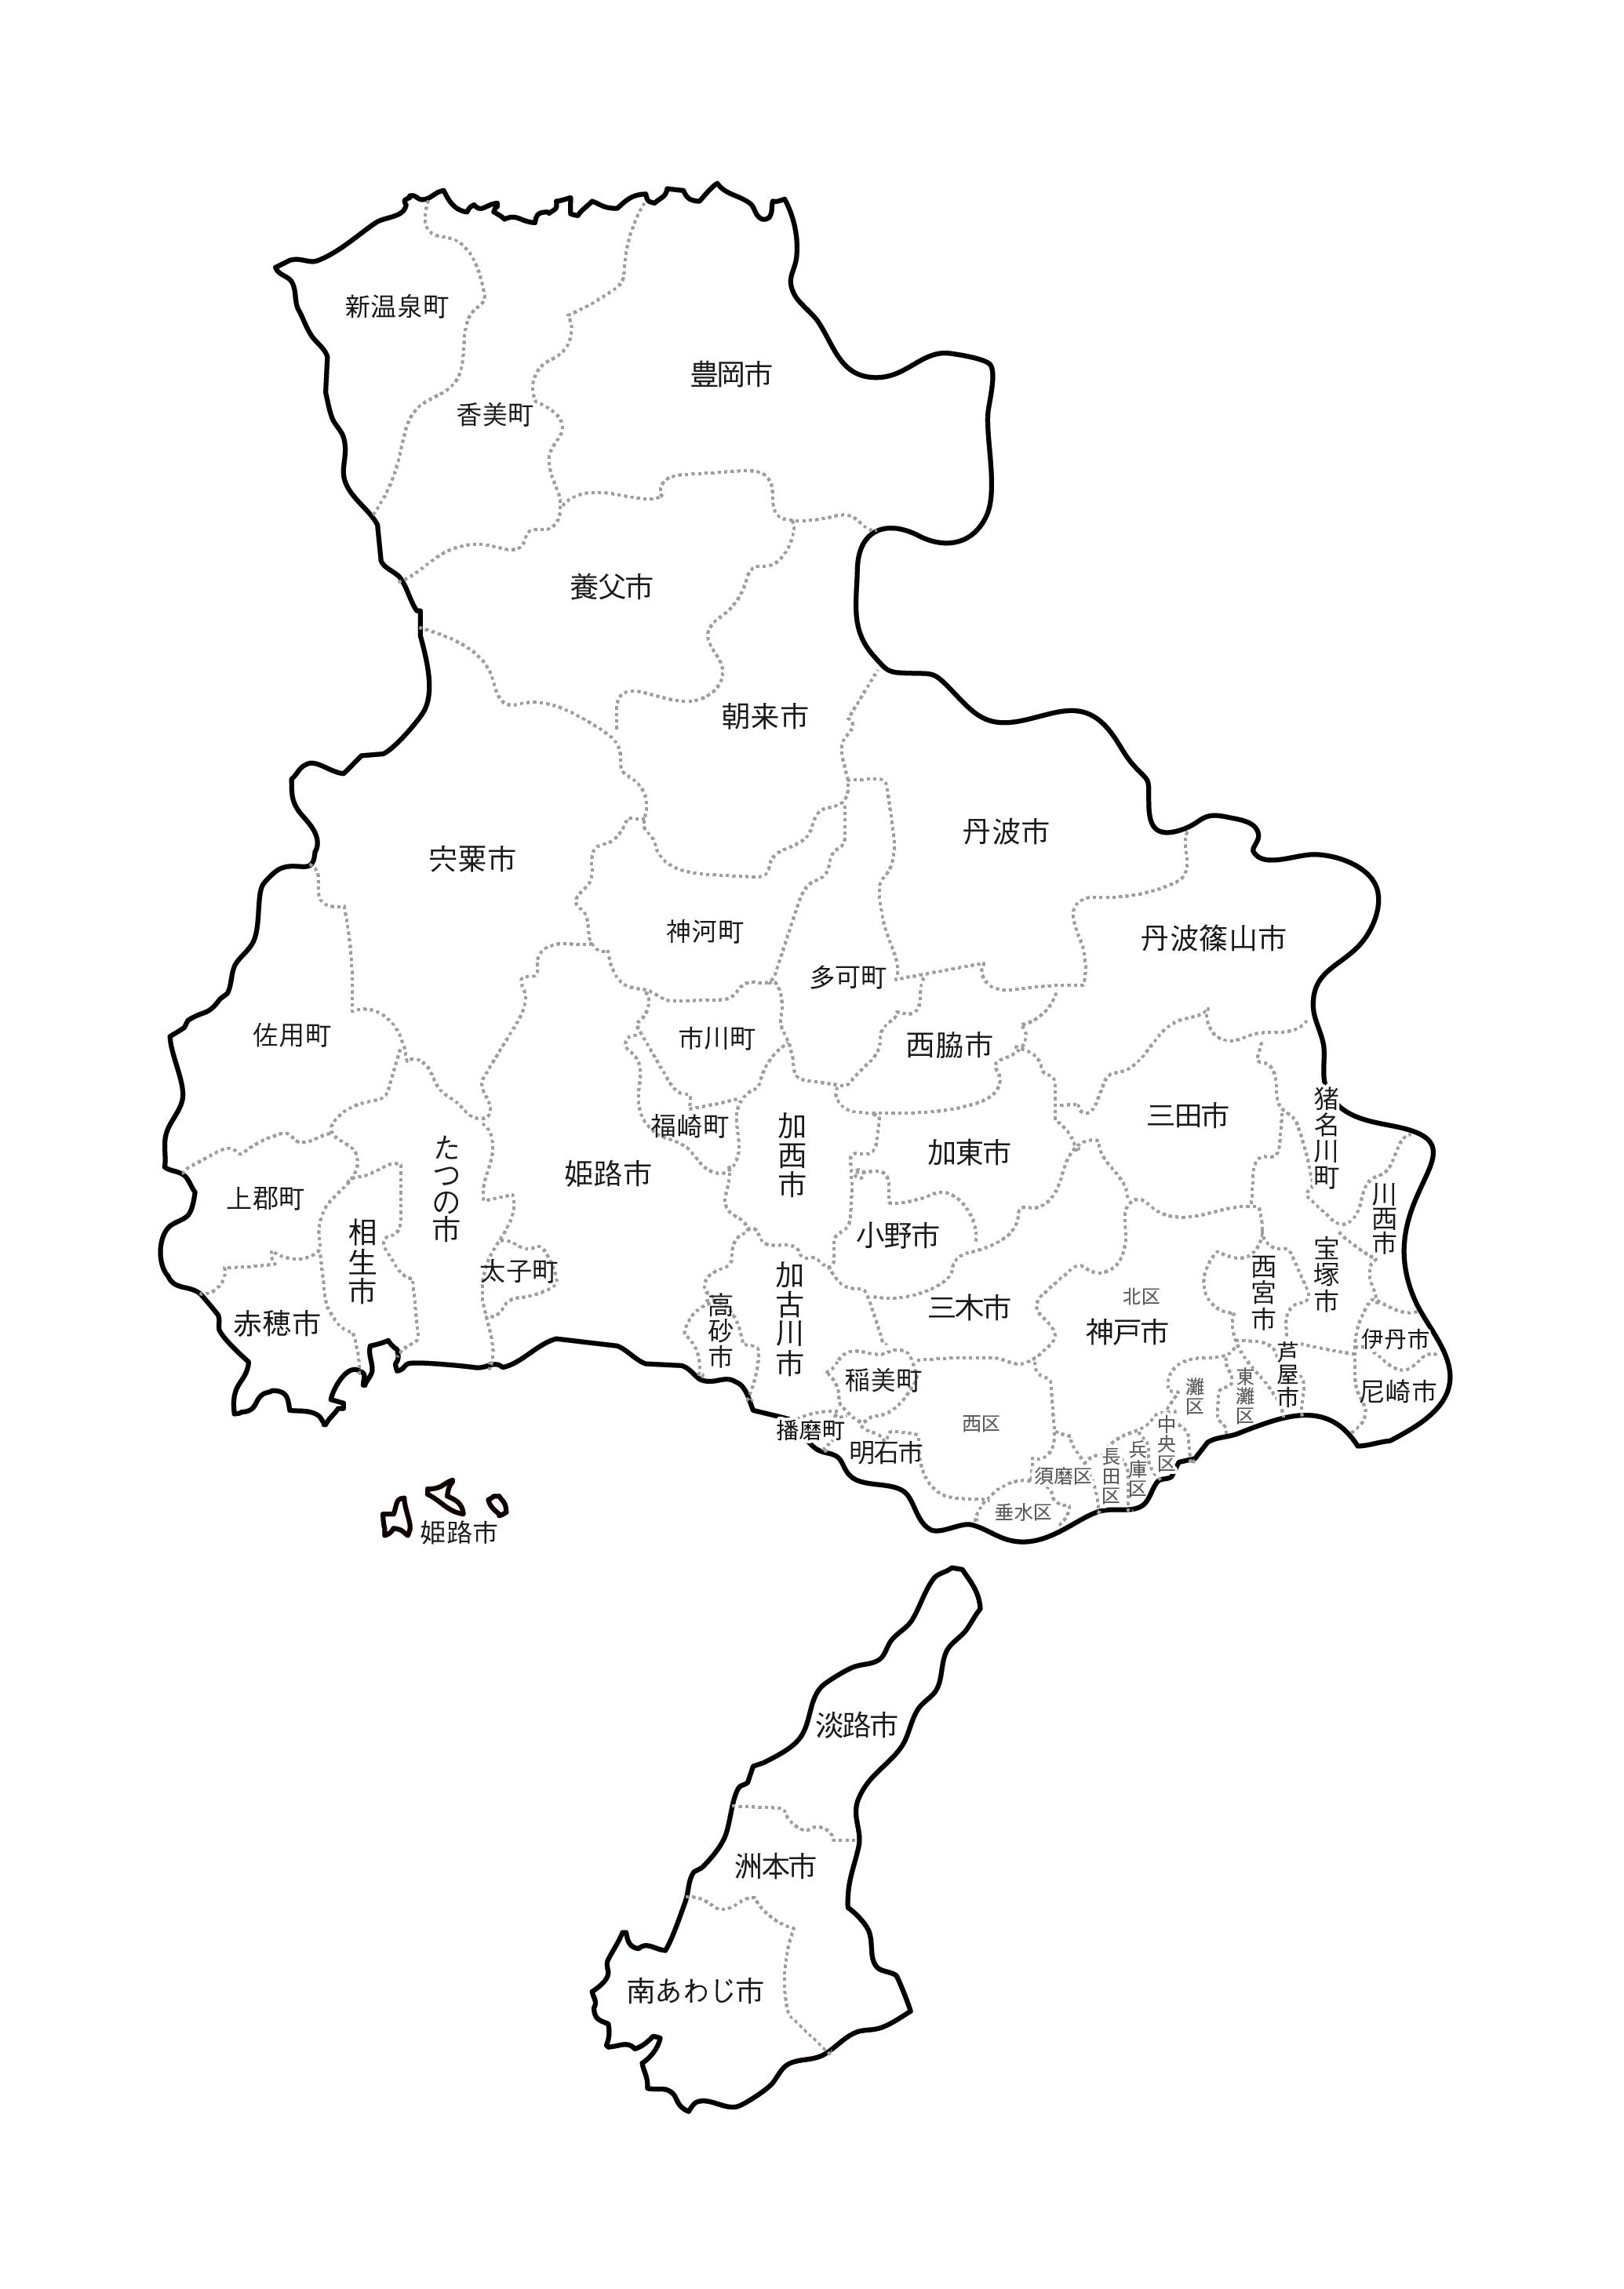 [白地図]兵庫県・ラインあり・市区町村名あり